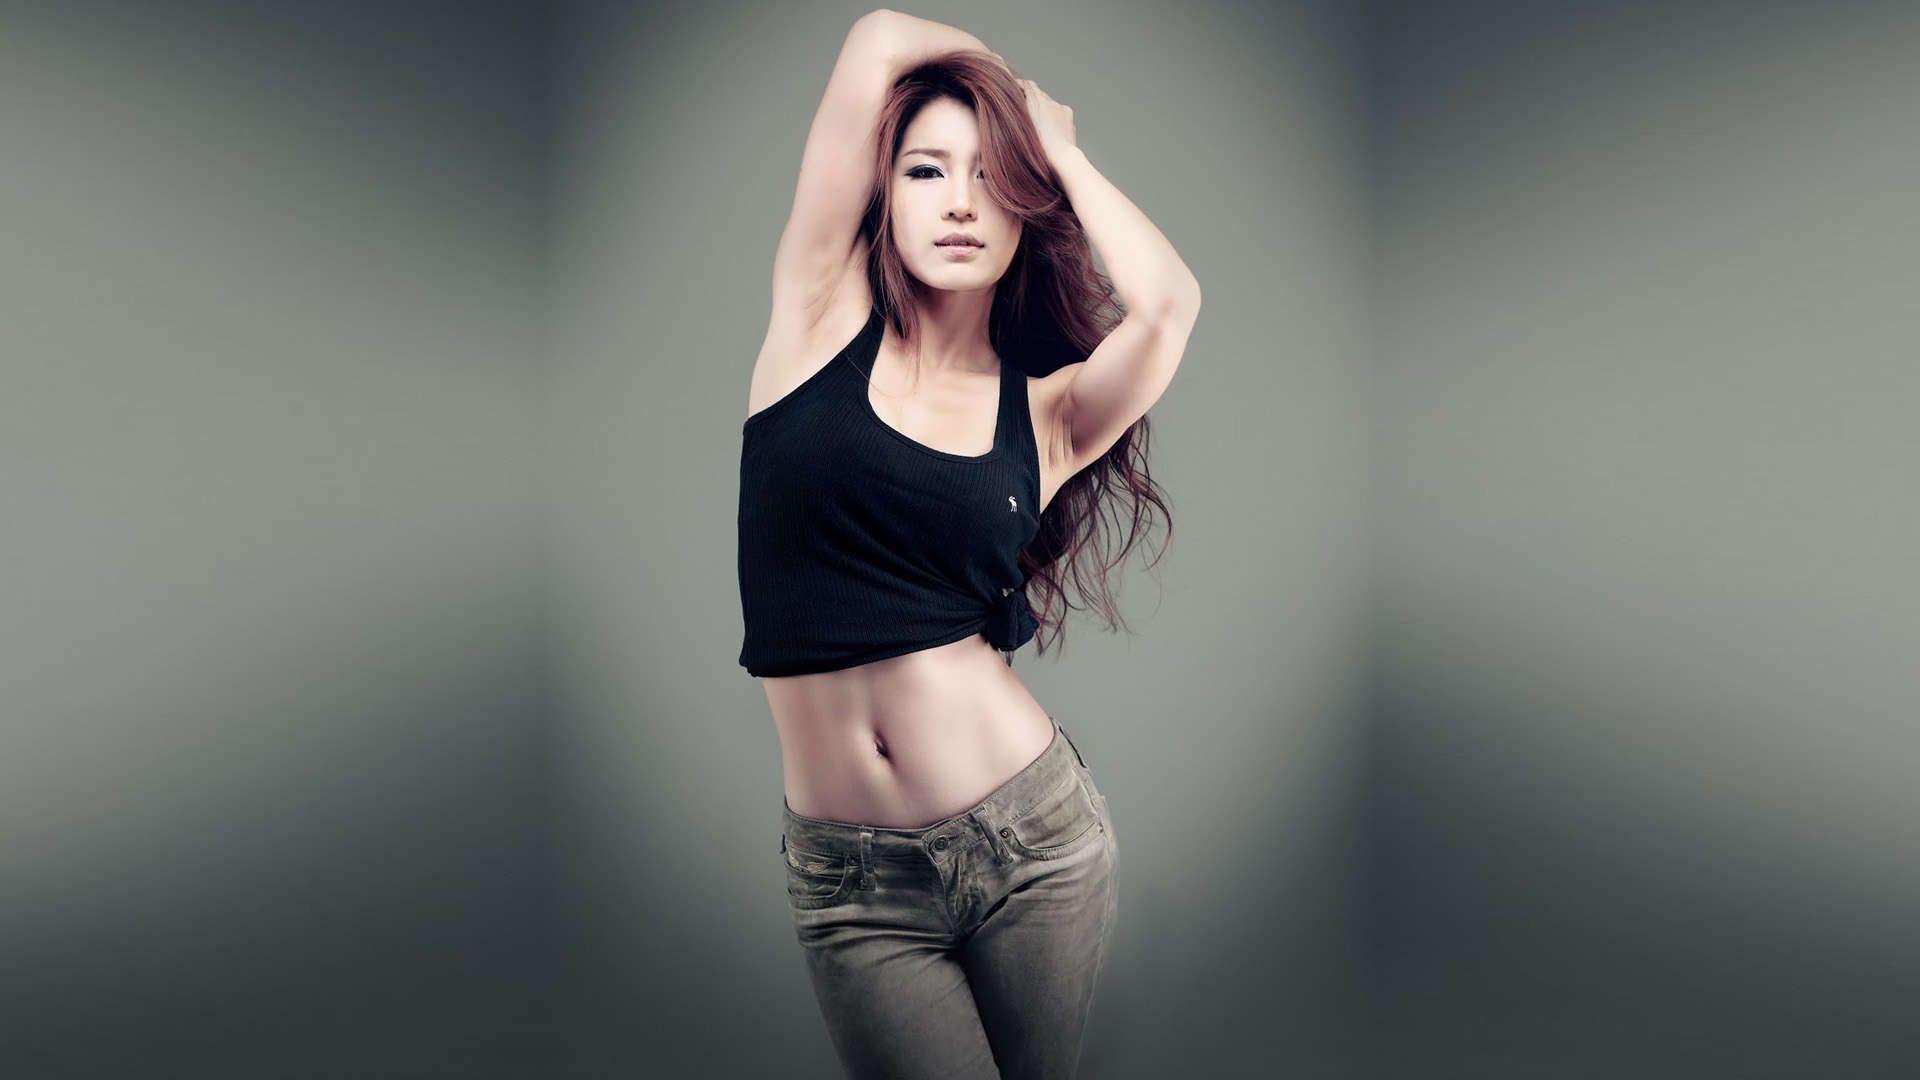 Beautiful Korean Girls Hd Wallpapers 1080p Crop Top Fashion Crop Tops Women Fashion